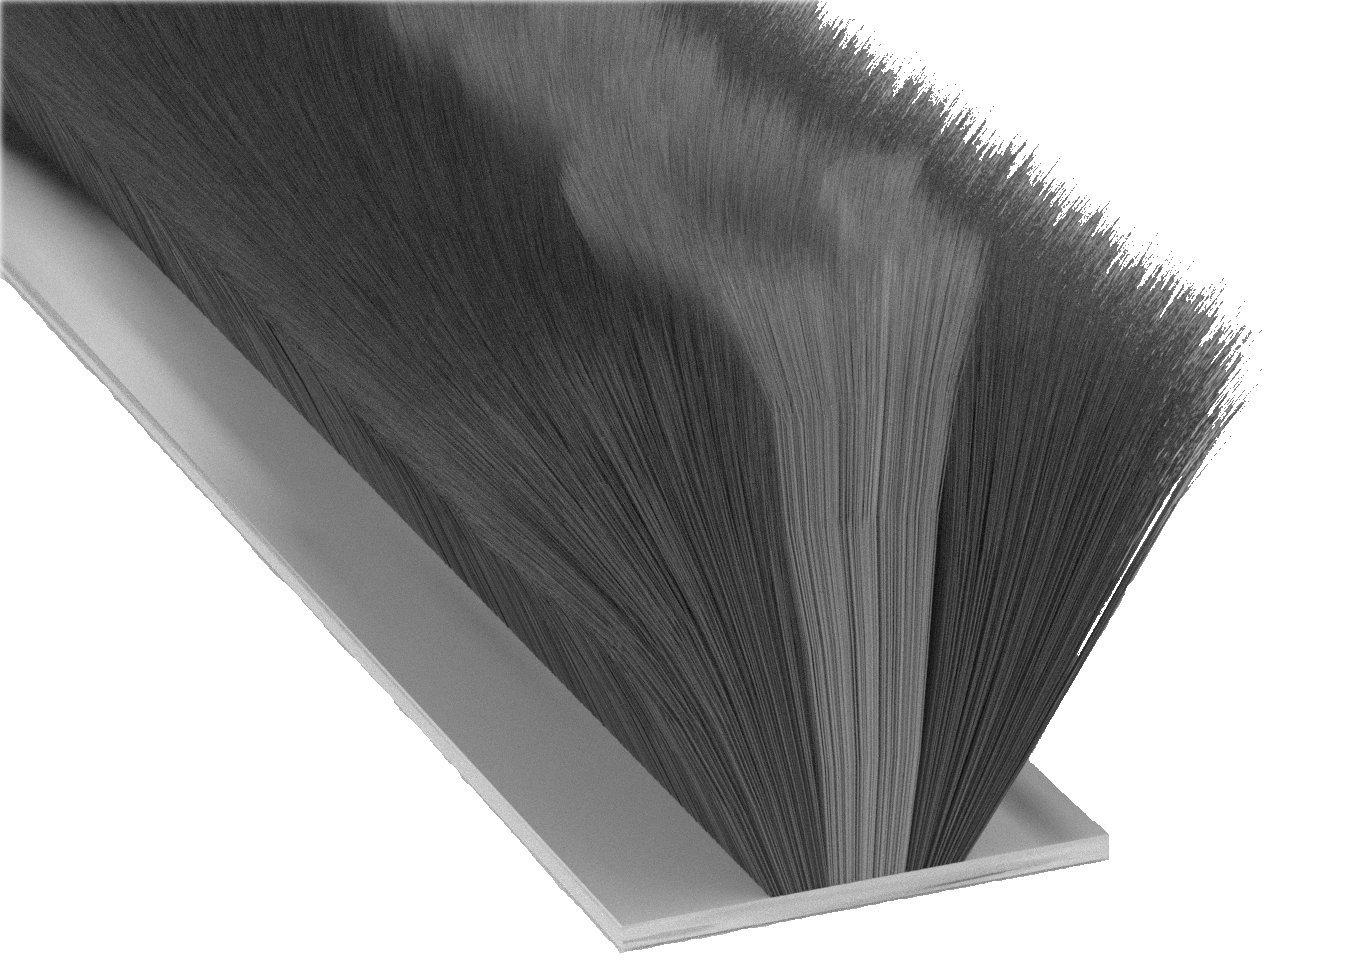 STORMGUARD 05SR750007MGR 7 m Garage Door Self-Adhesive Brush Pile Draught Seal - Black